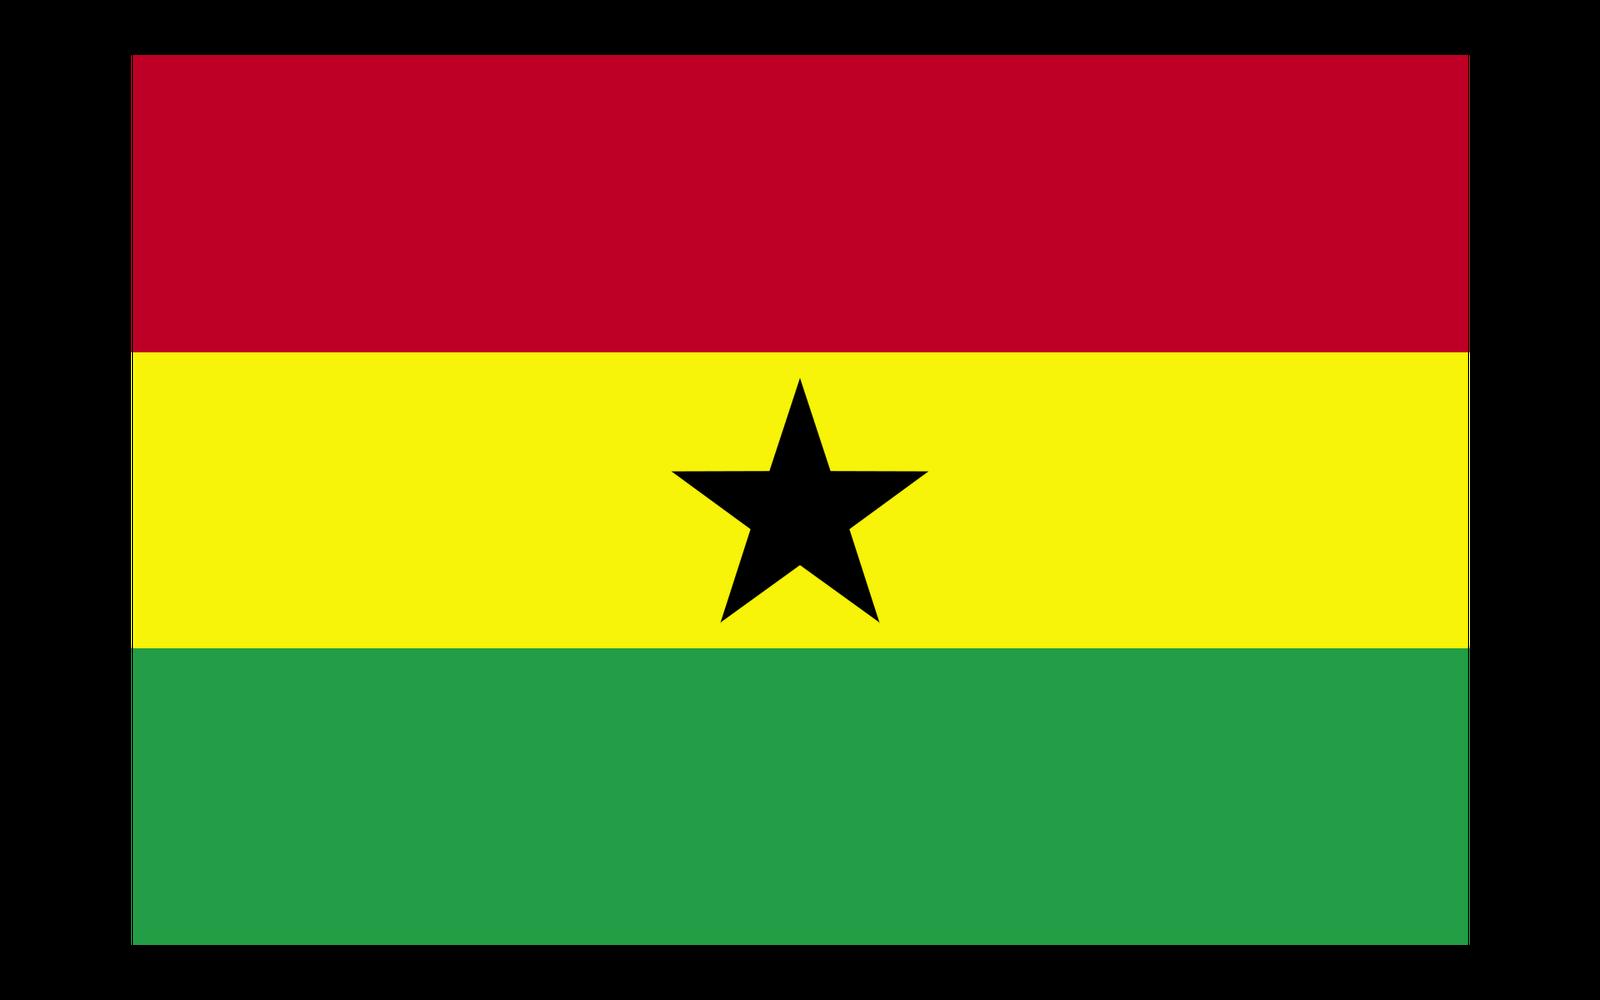 http://3.bp.blogspot.com/-RaLLEu7LkOY/TxvquSO_MdI/AAAAAAAAAgw/_Npfk7WxTtw/s1600/Ghana.png